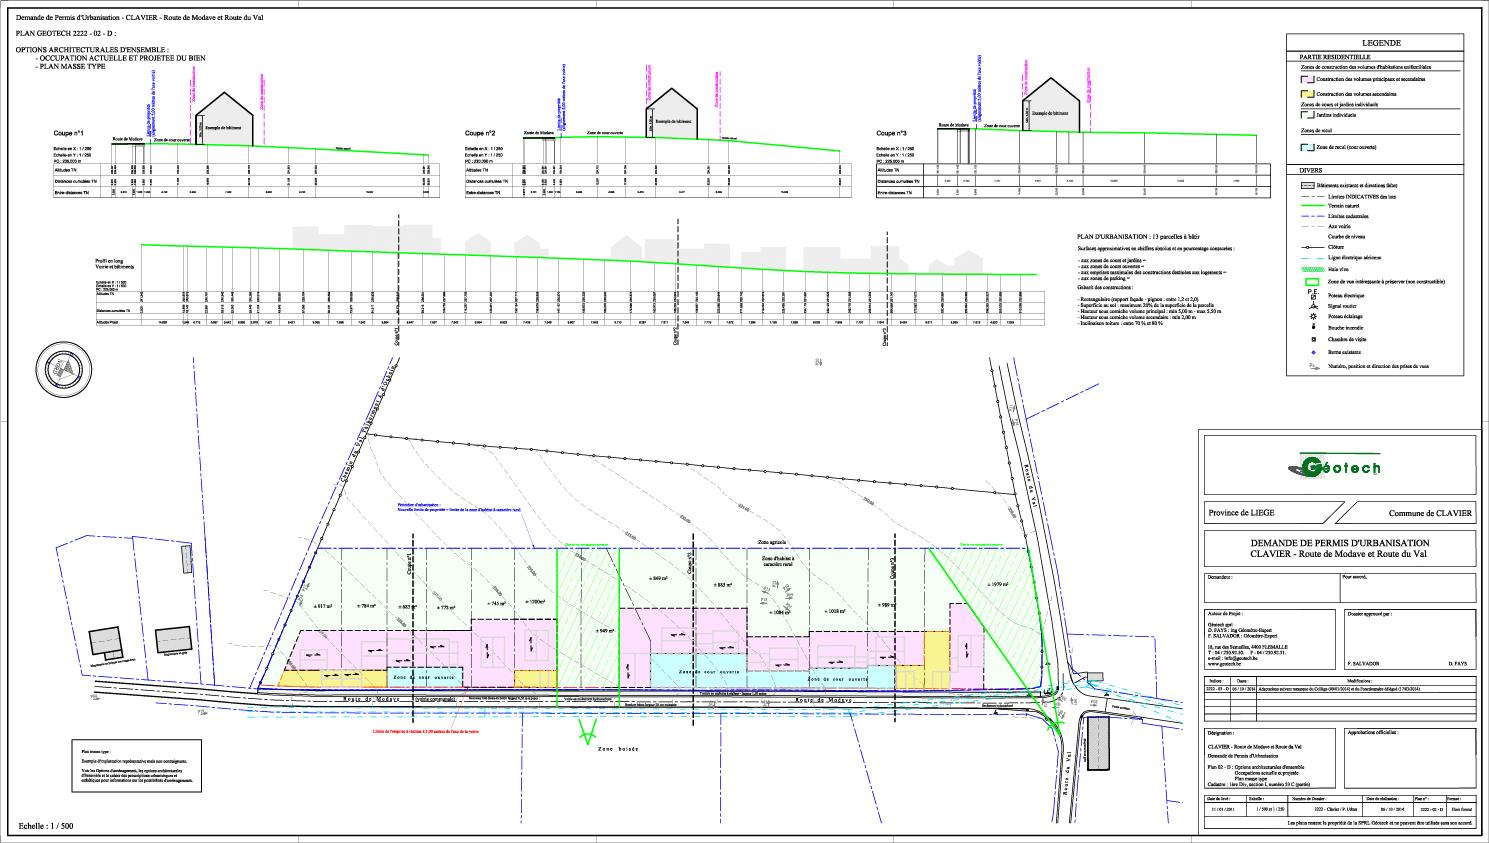 Plan des options architecturales d'ensemble d'un projet d'urbanisation à Clavier